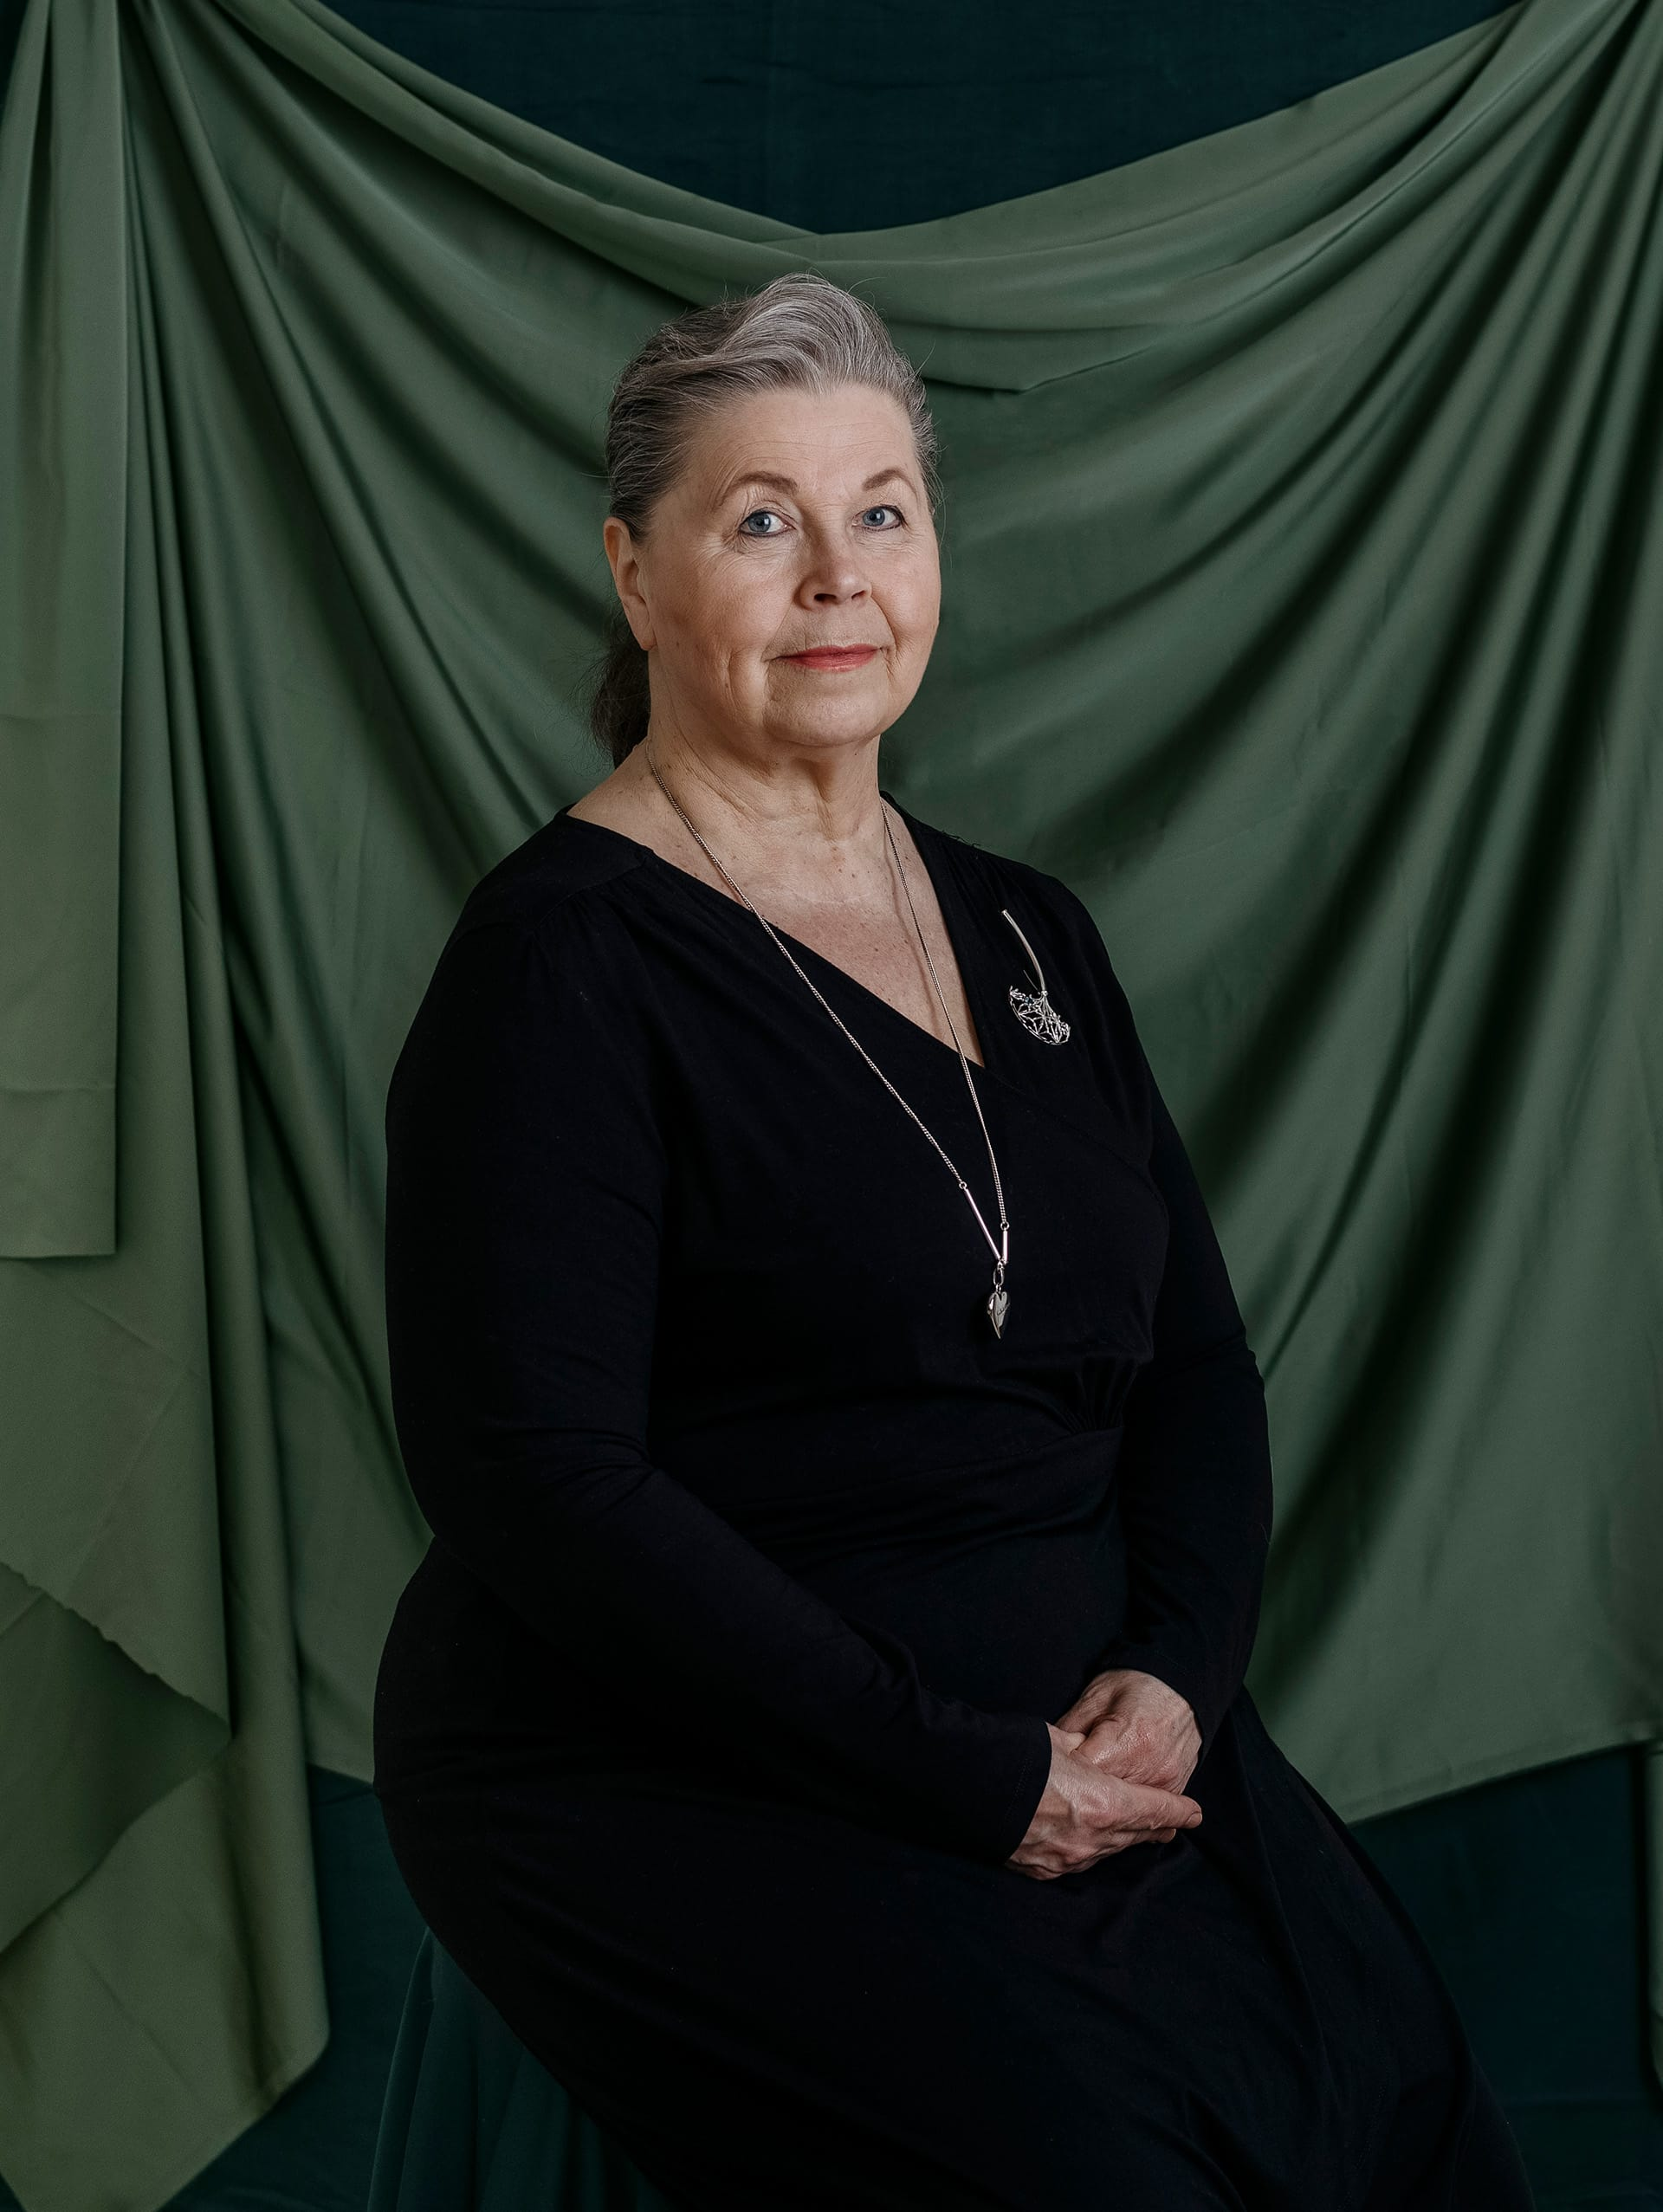 Katriina Bildjuschkin, kuva: Tiina Eronen